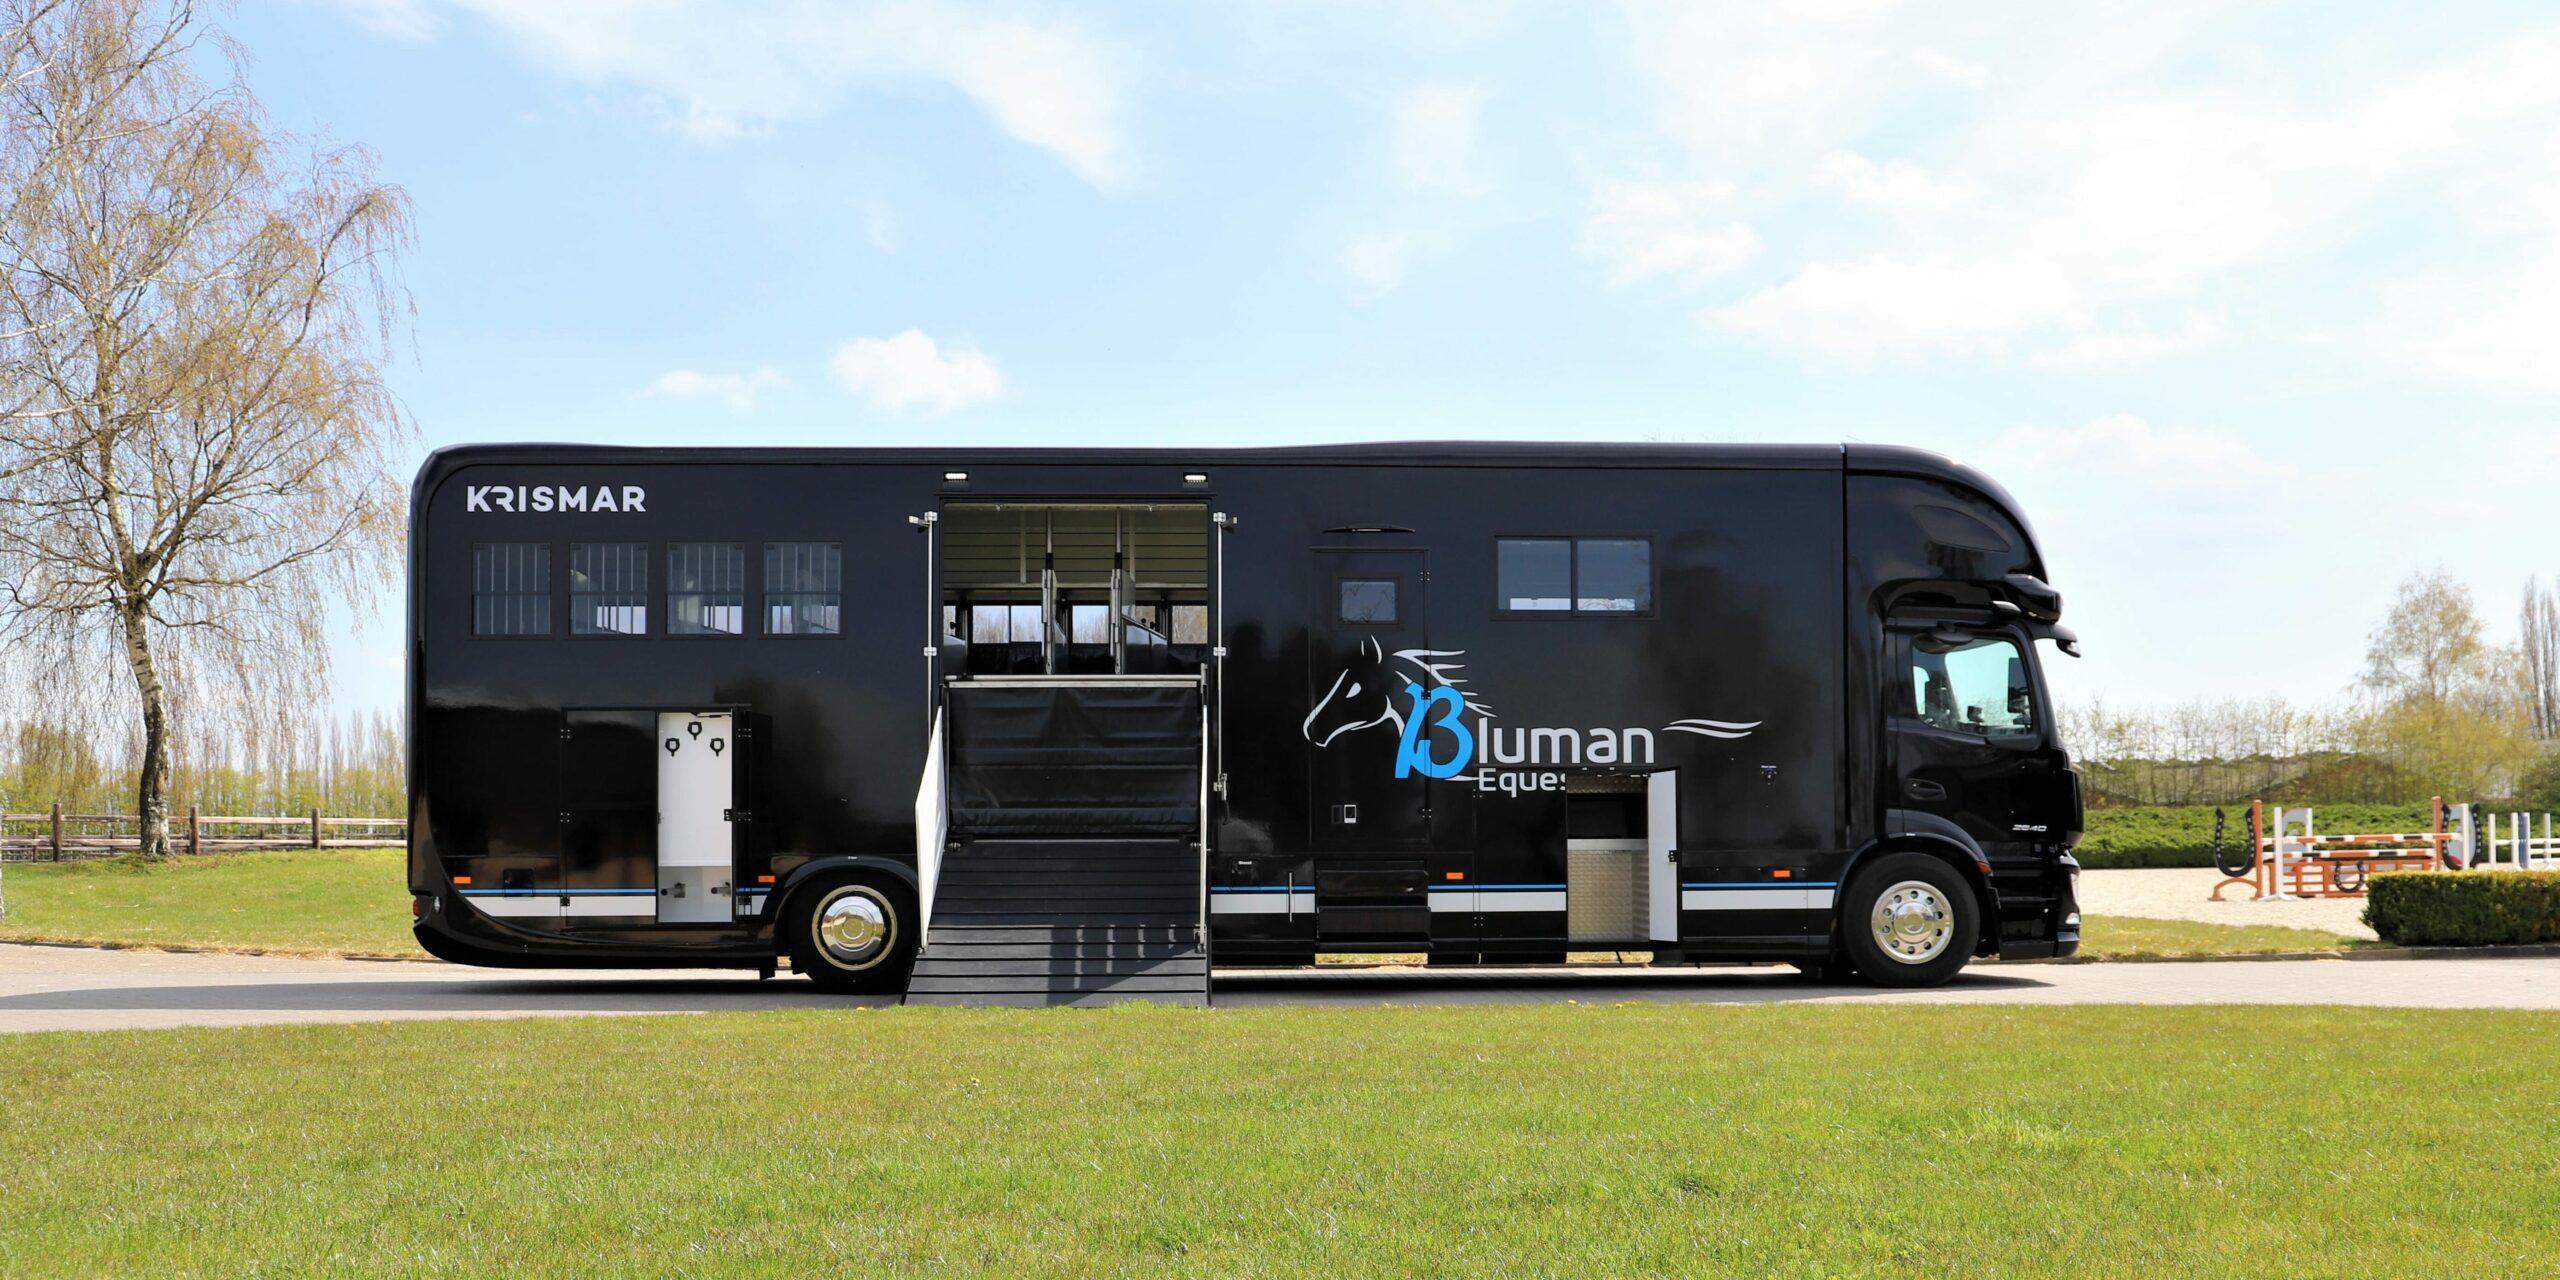 Een zwarte paardenvrachtwagen met logo van Bluman Equestrian